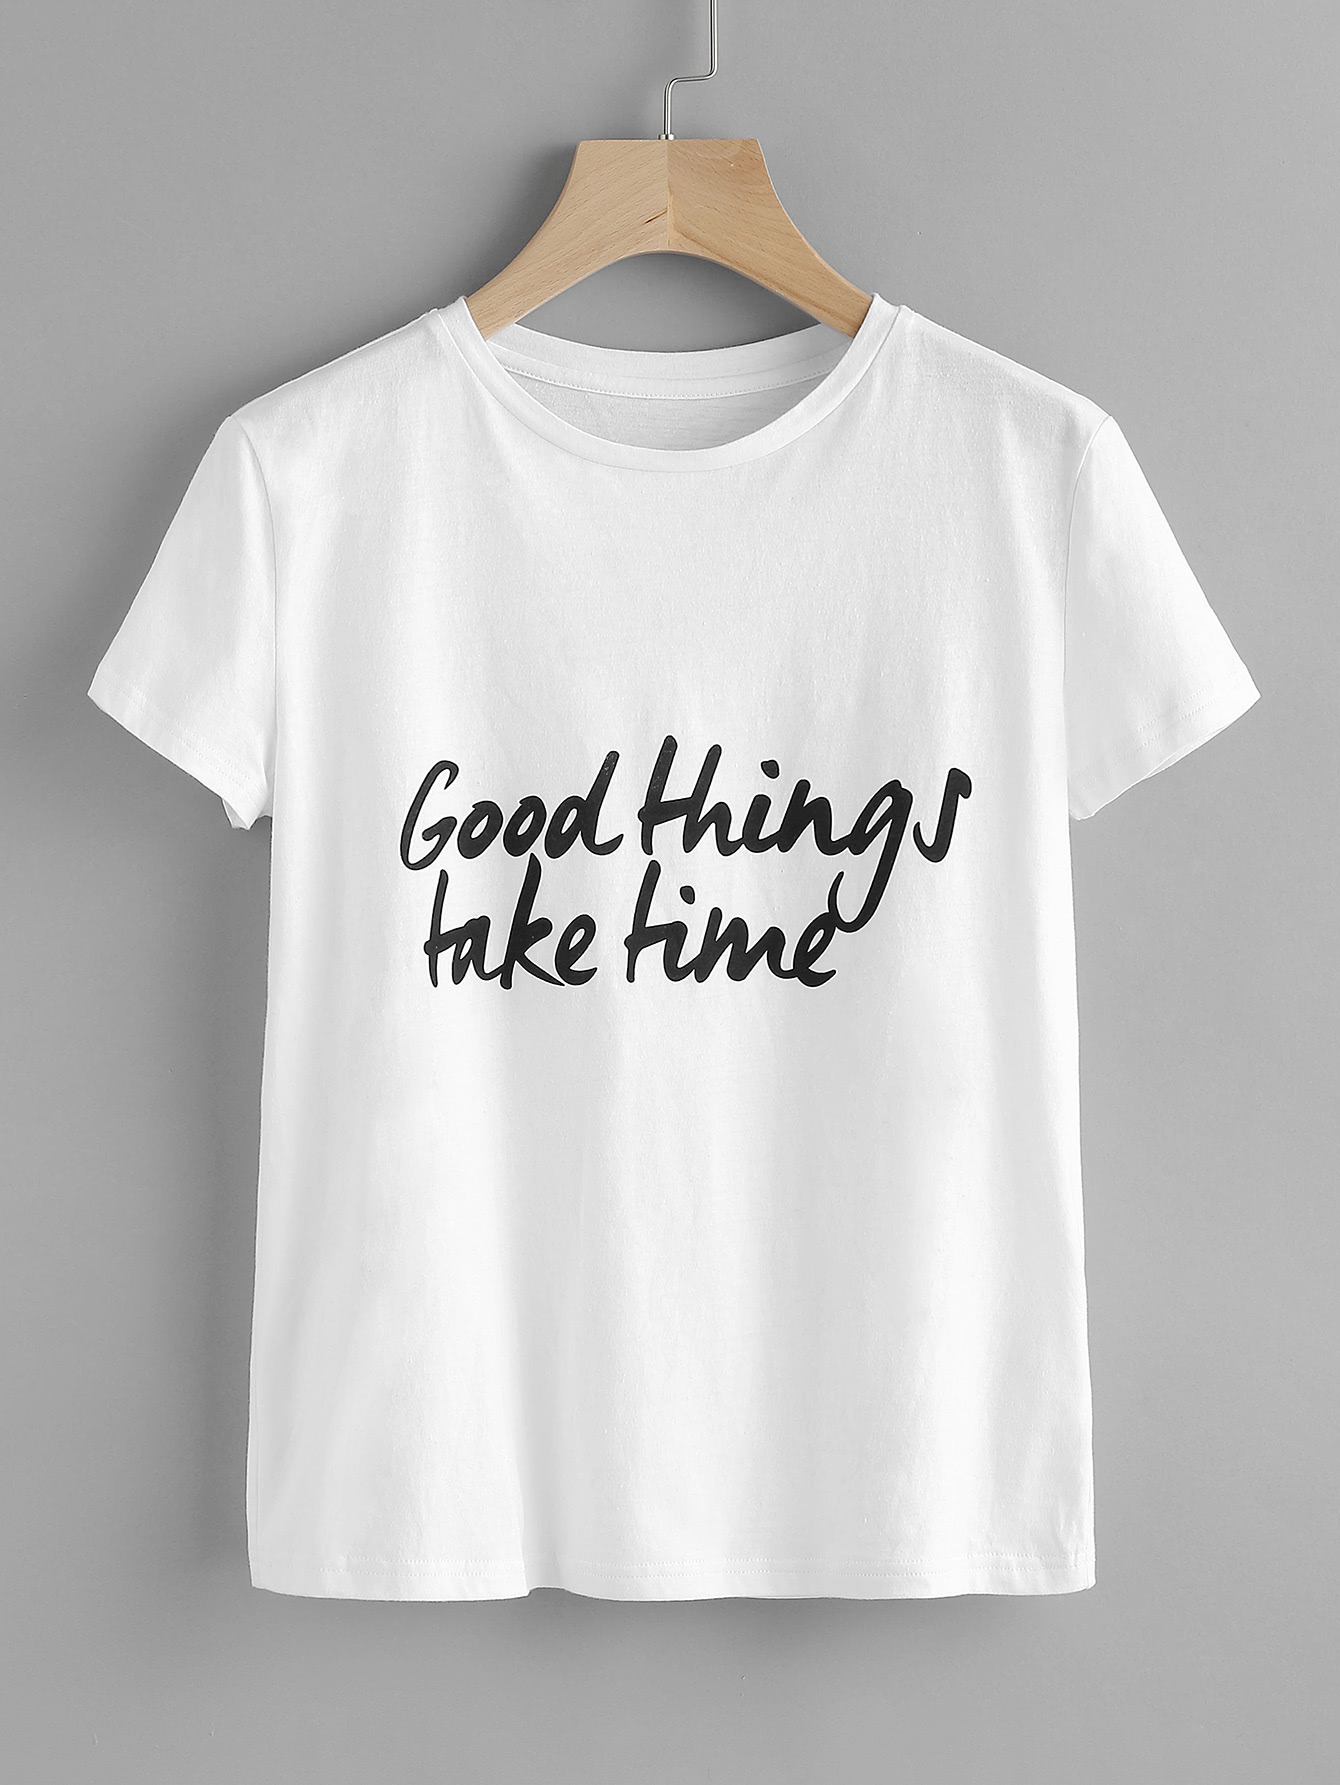 Good Things Take Time Tee tee170505709